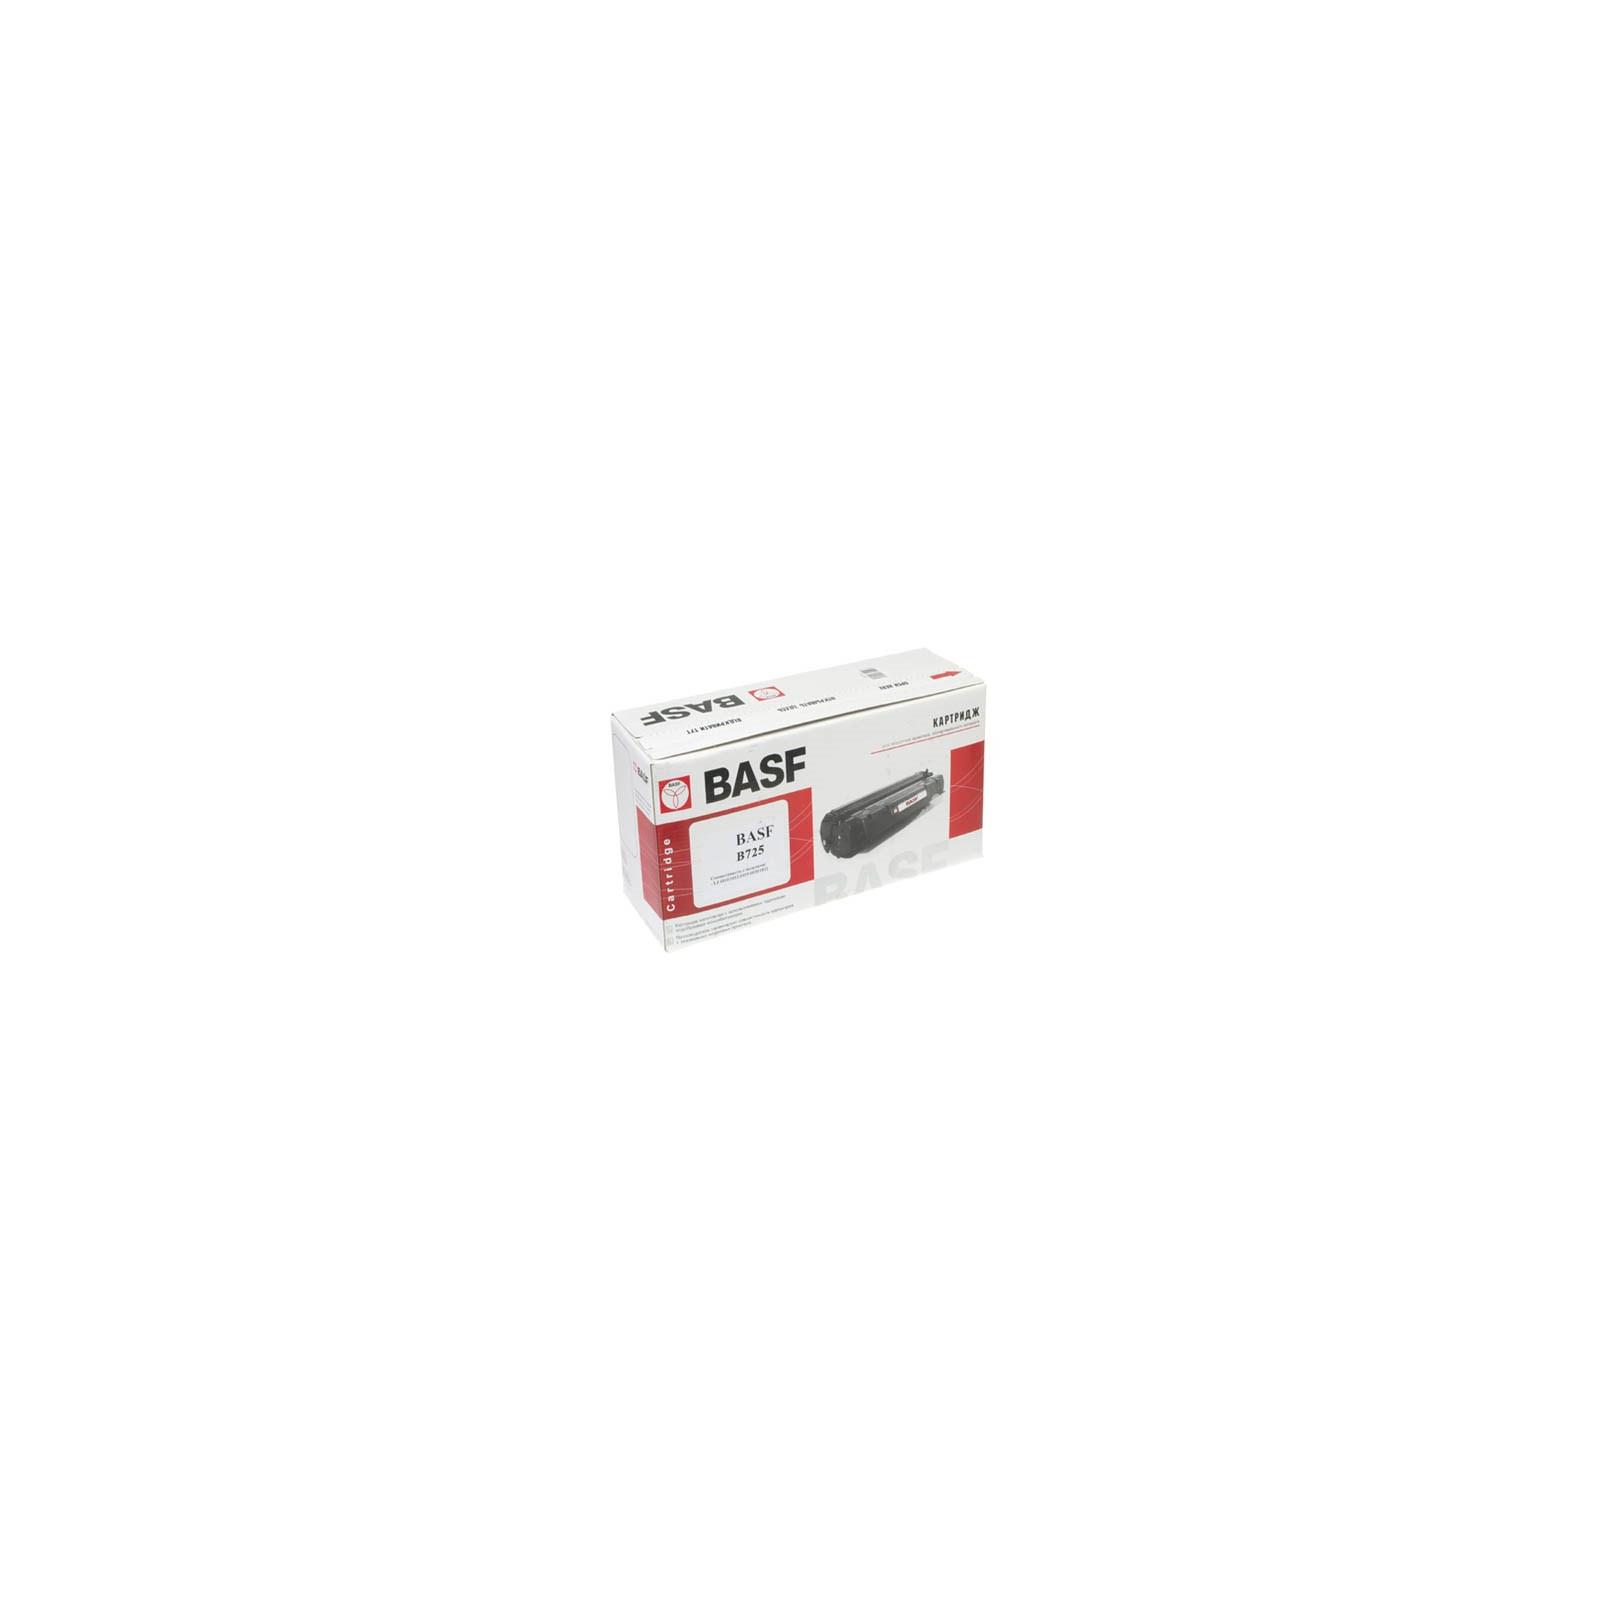 Картридж BASF для Canon LBP-6000/6020 MF3010 (B725)